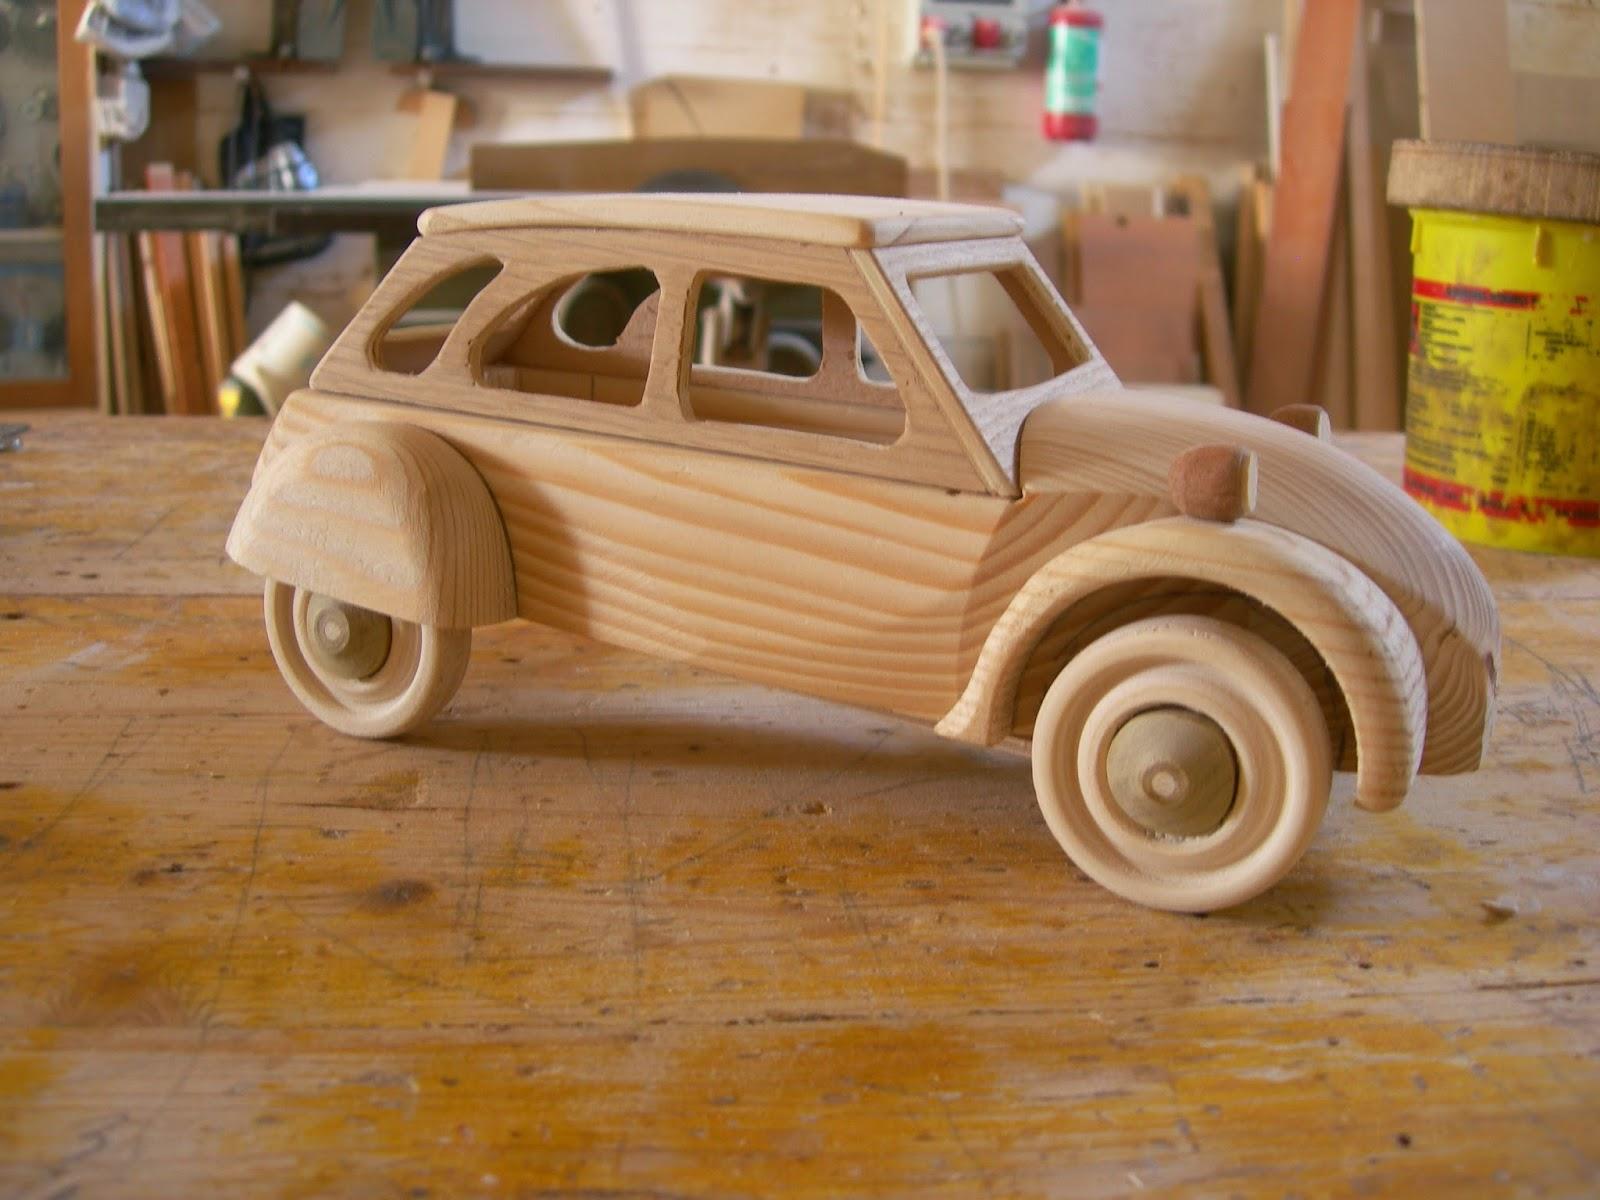 Oggetti in legno artigianali po65 regardsdefemmes for Oggetti in legno fai da te